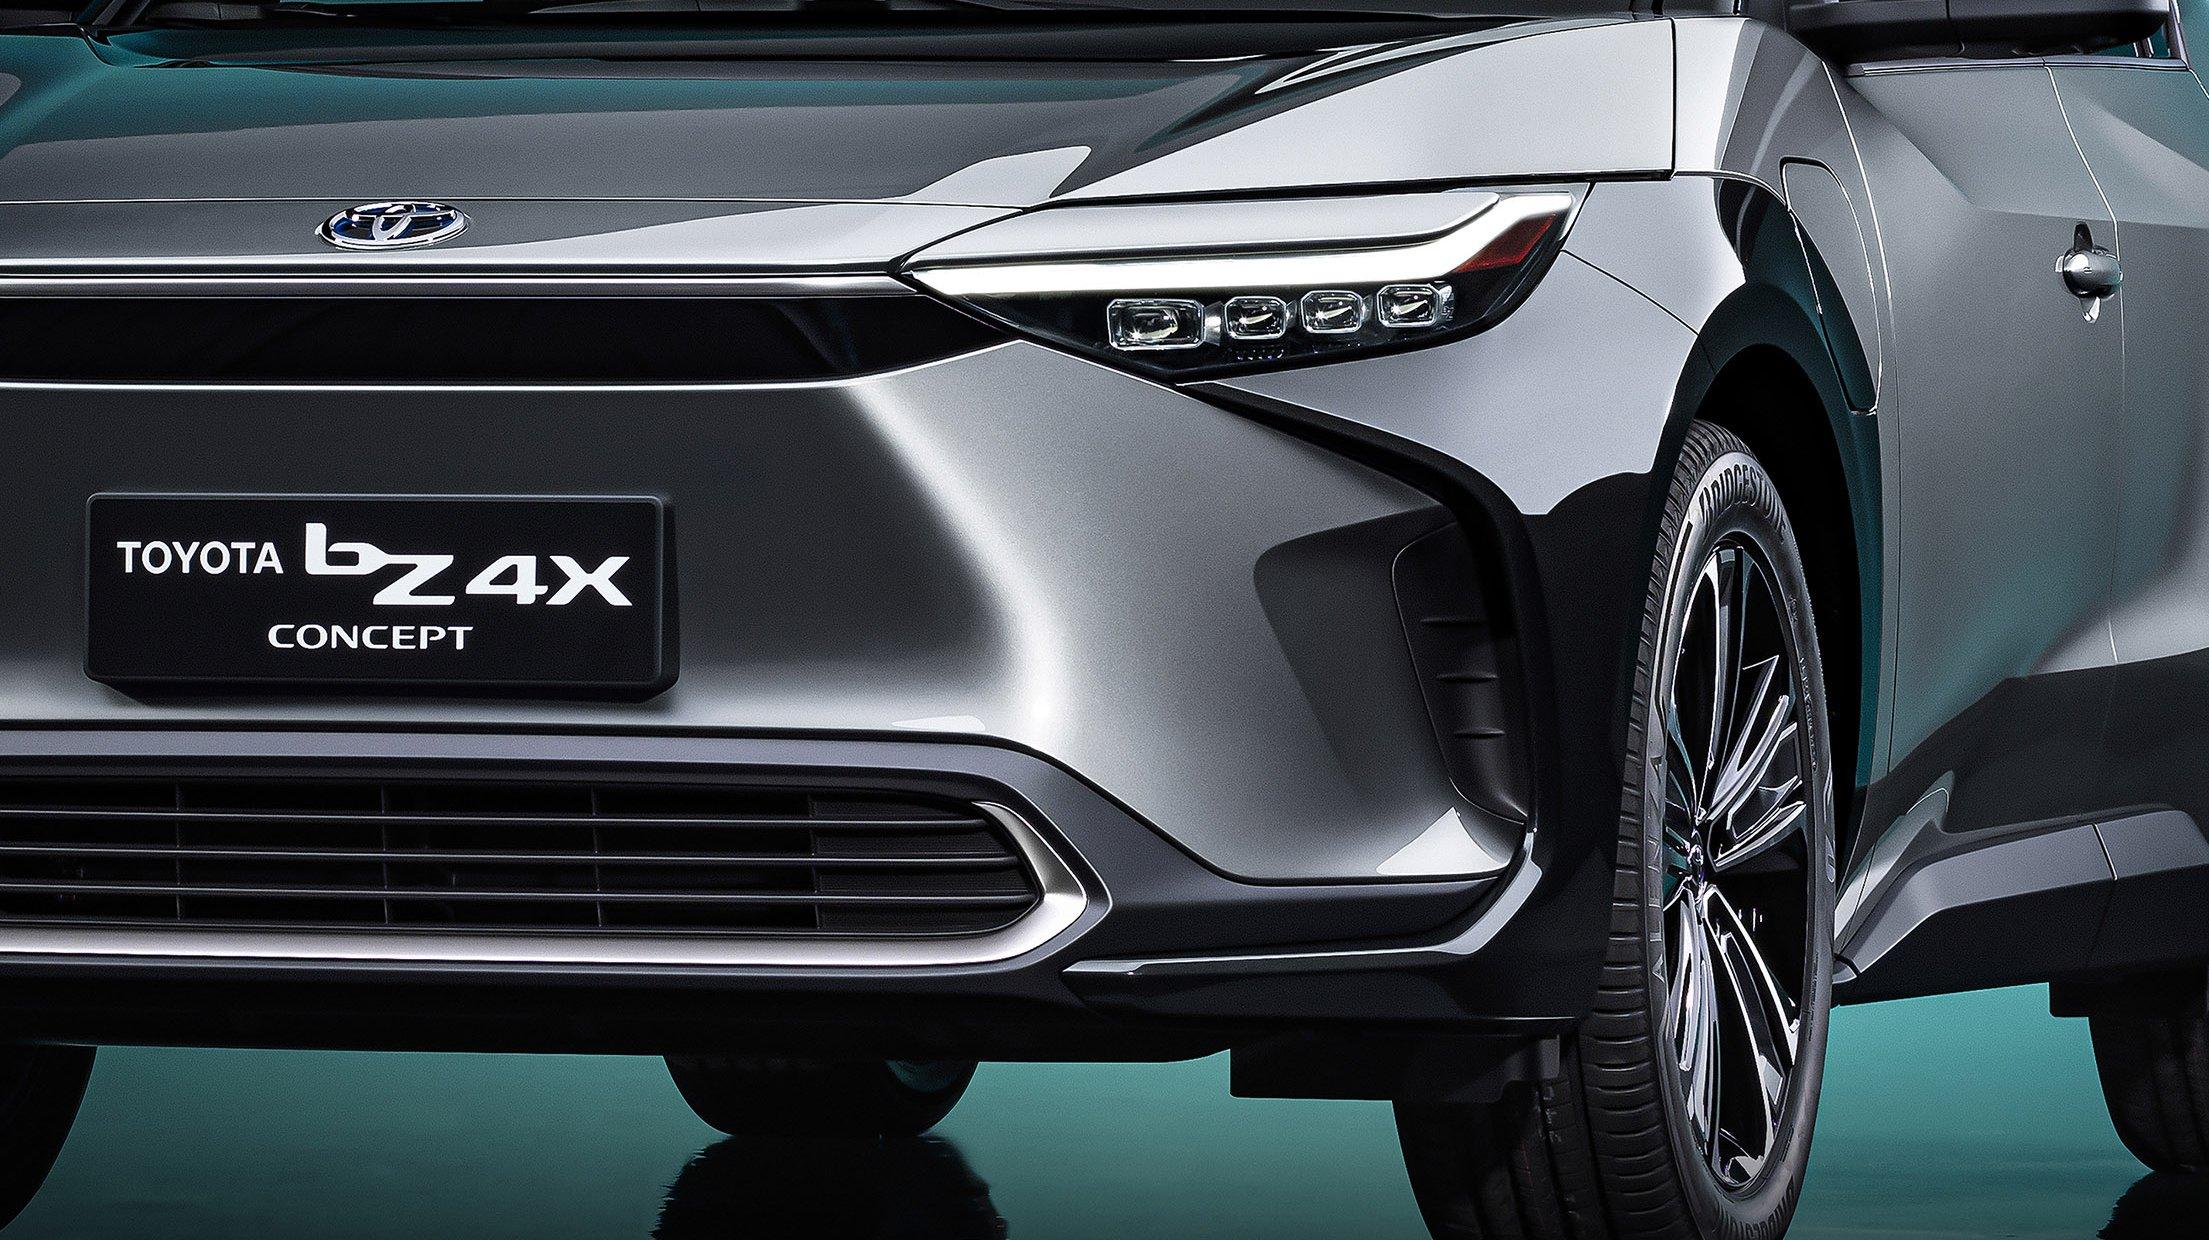 マジで来年発売…! トヨタとスバル共同開発の新SUVは新ブランドのフラッグシップ!!